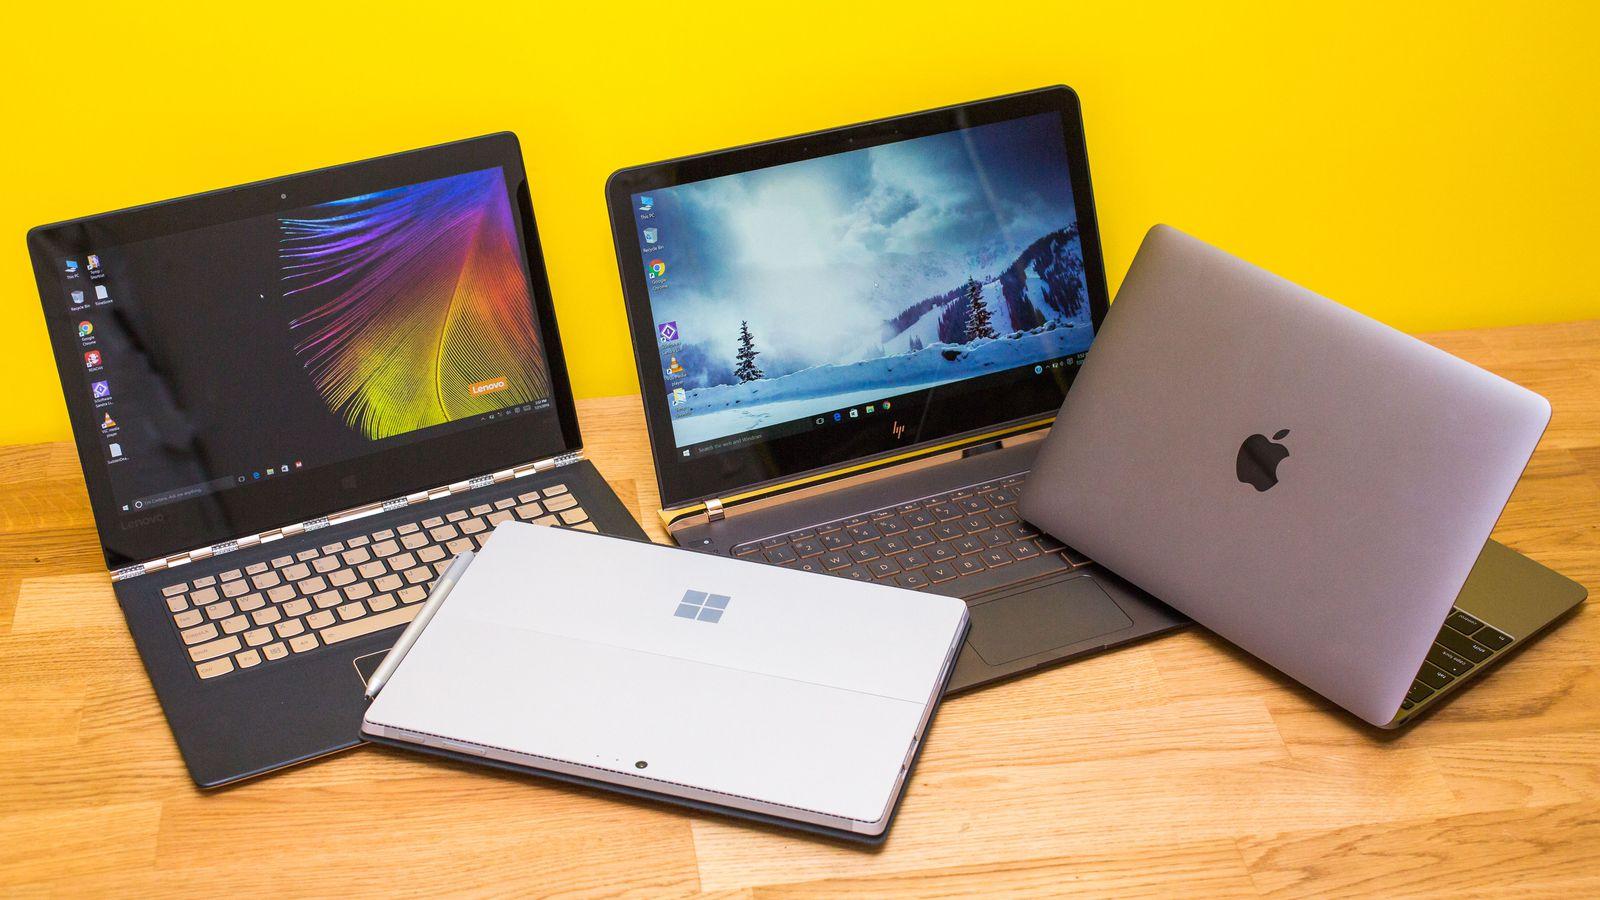 Phan-loai-laptop-cu-xach-tay-theo-khoang-gia1